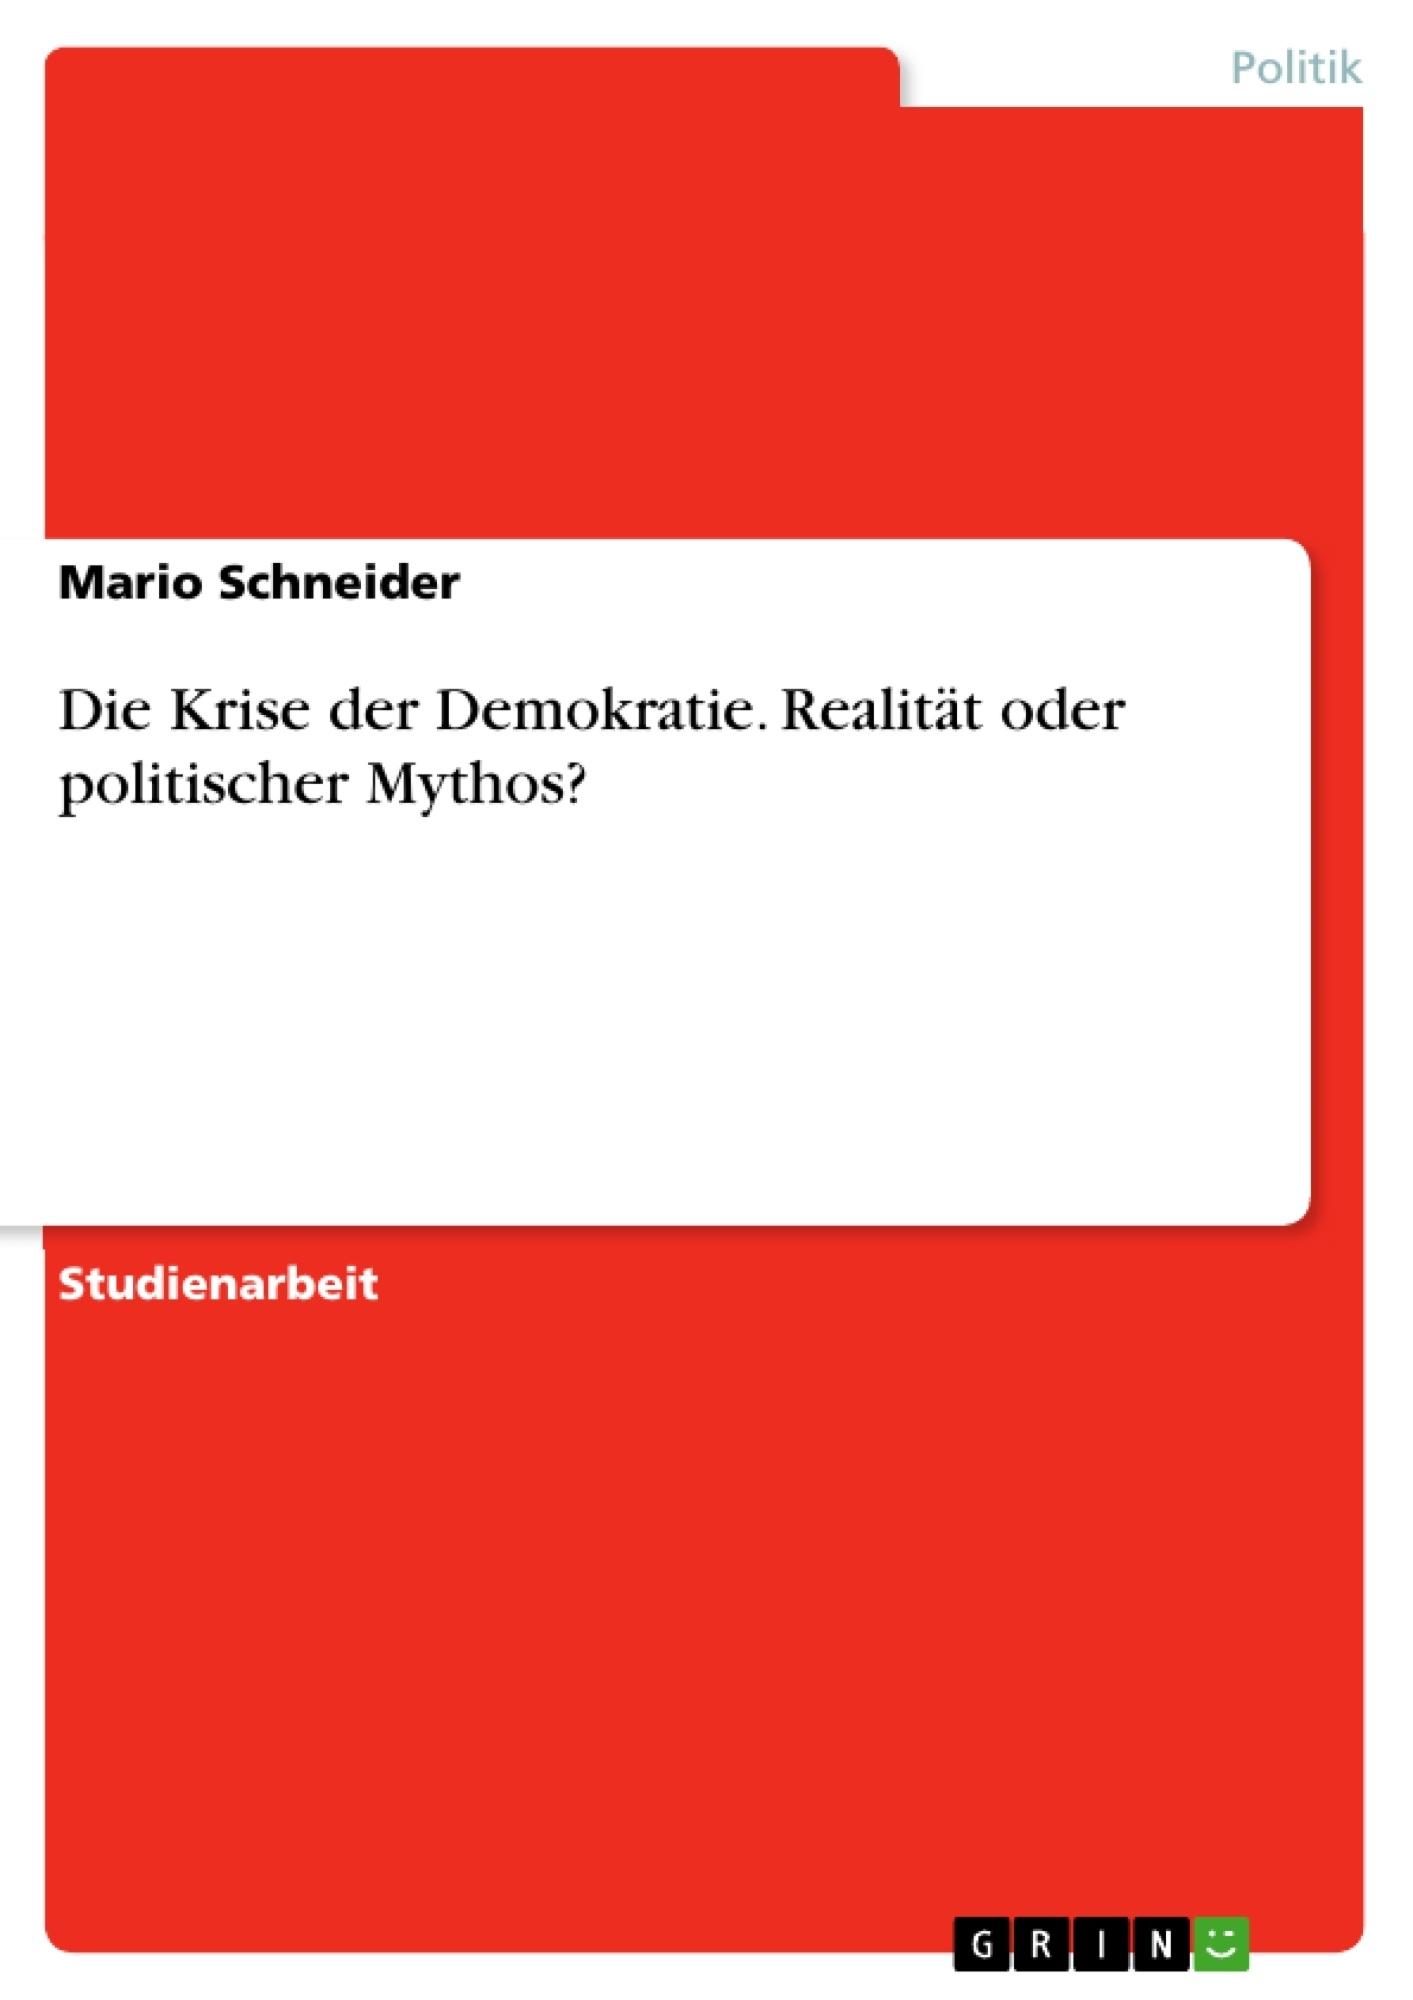 Titel: Die Krise der Demokratie. Realität oder politischer Mythos?